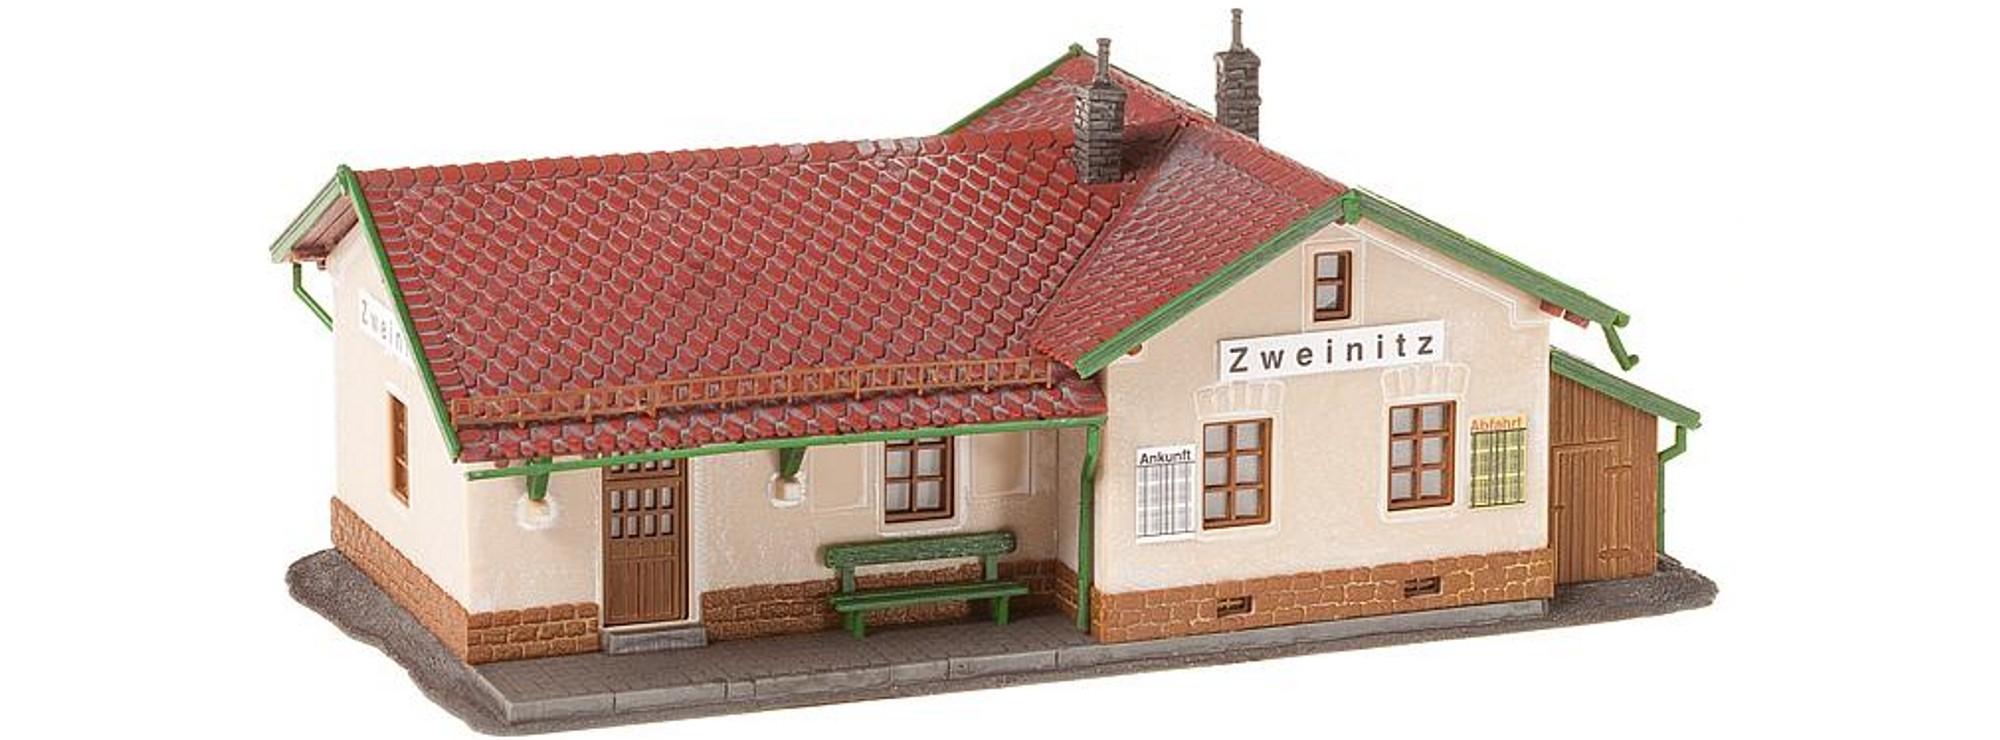 Faller 190230a nebenbahn station zweinitz bausatz spur h0